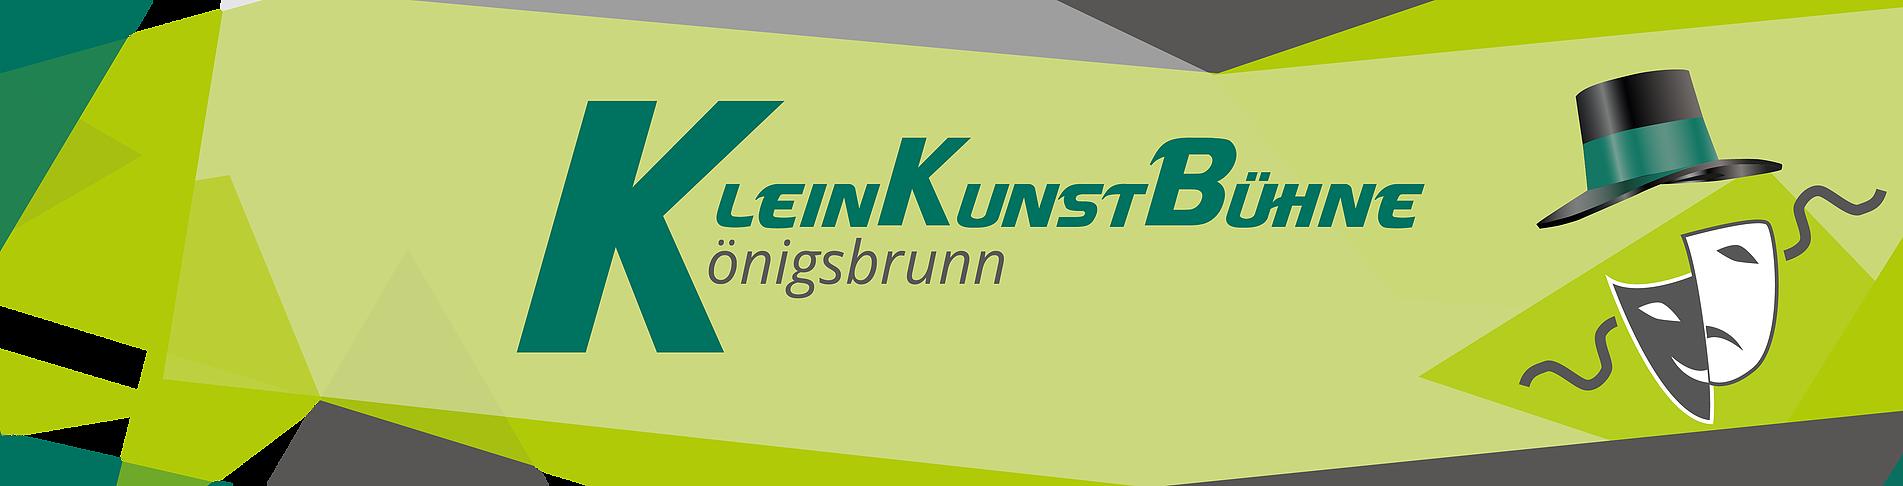 Kleinkunst Bühne | Königsbrunn